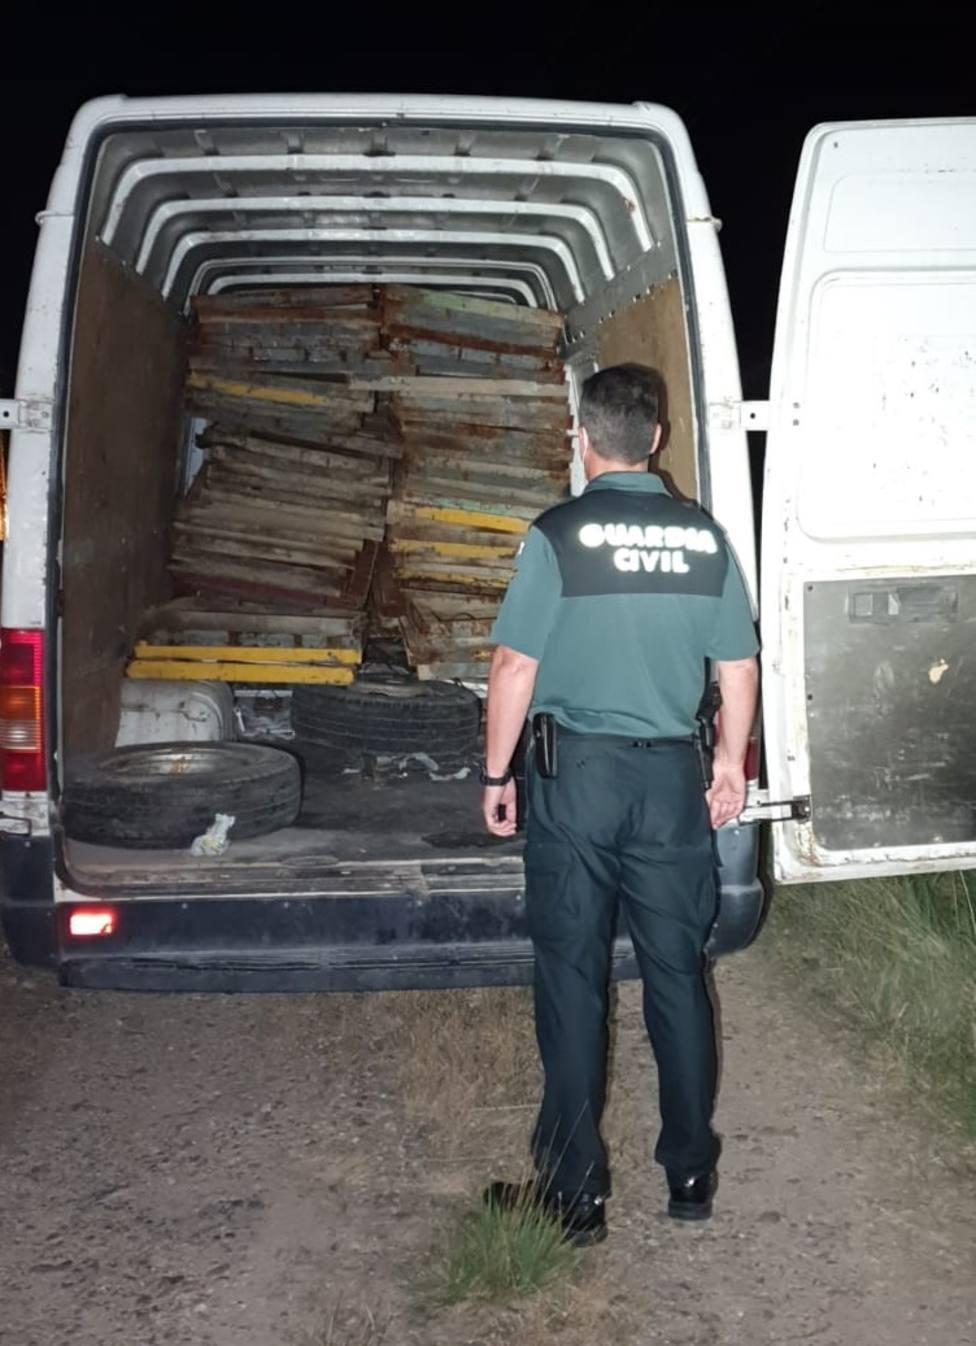 Dos jóvenes detenidos al ser sorprendidos cuando robaban en una empresa en Cortes